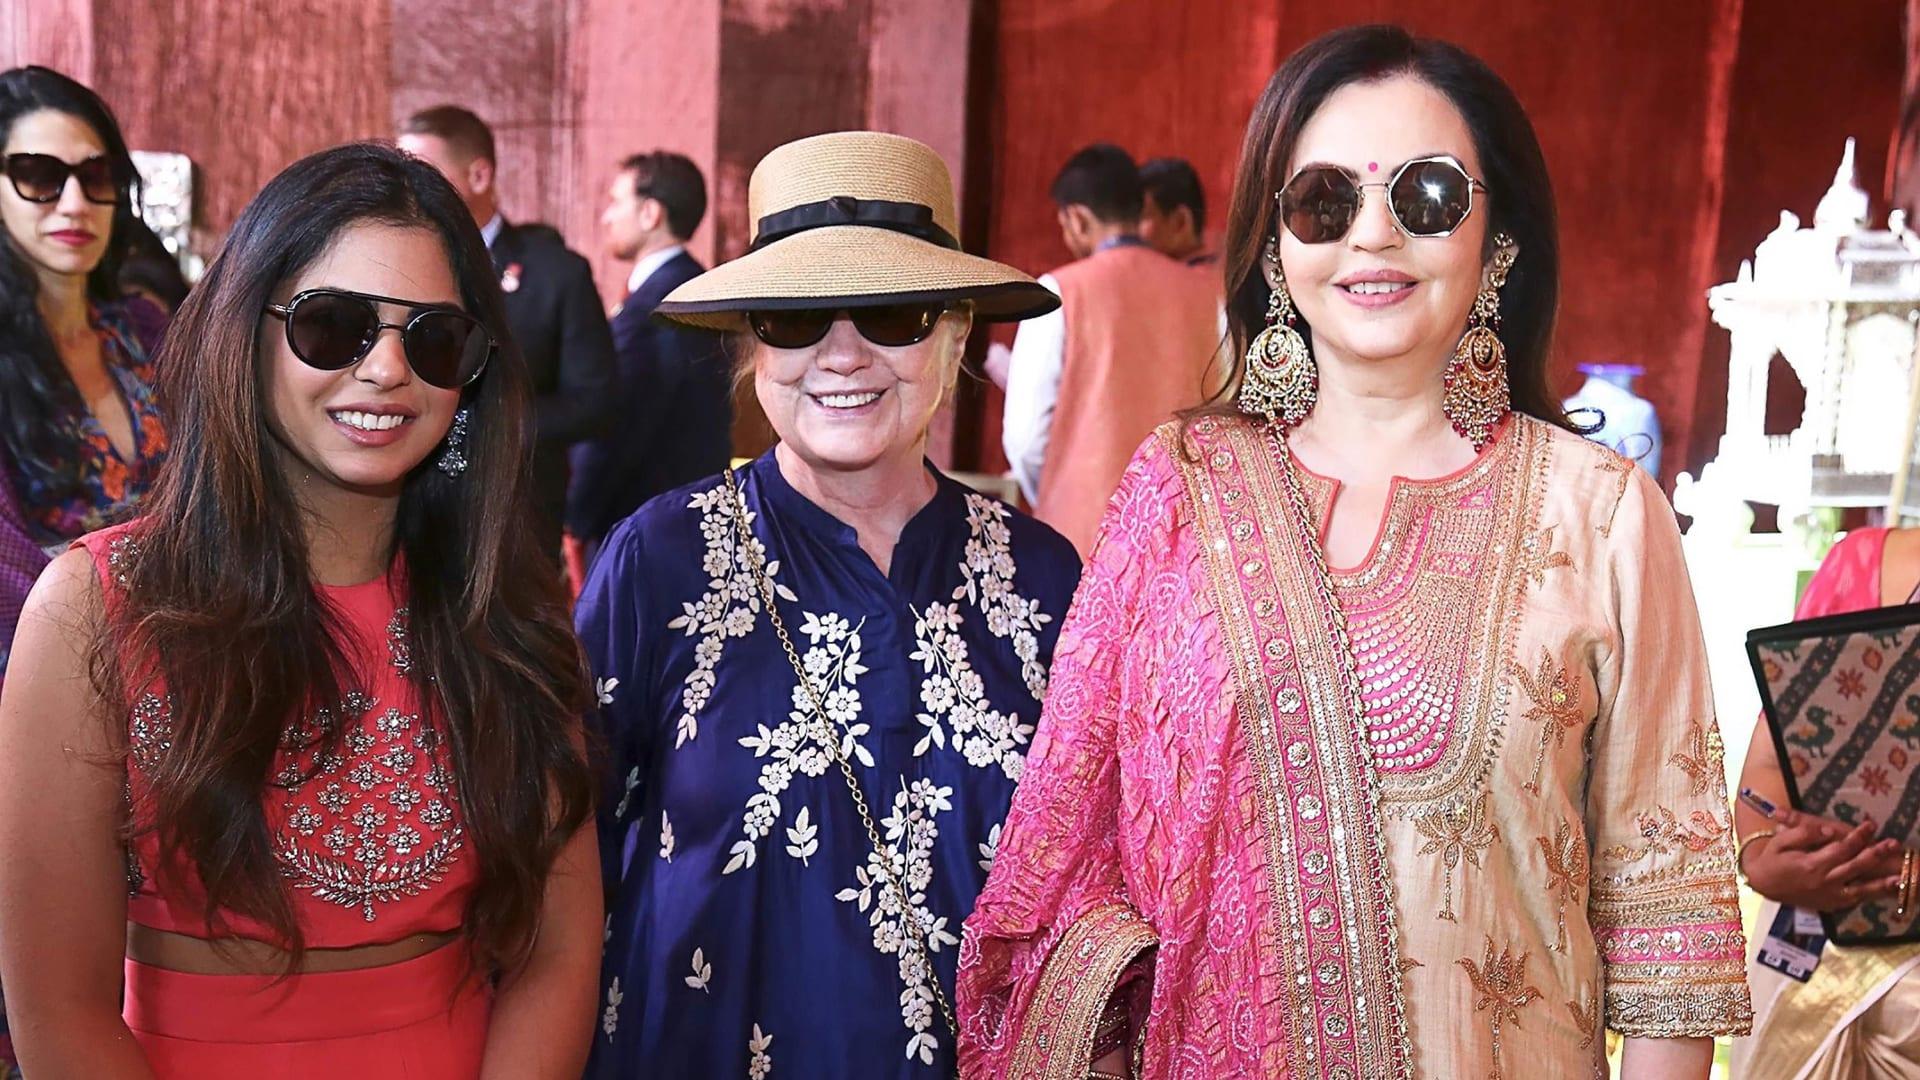 حضرت هيلاري كلينتون حفل الزفاف أيضاً.